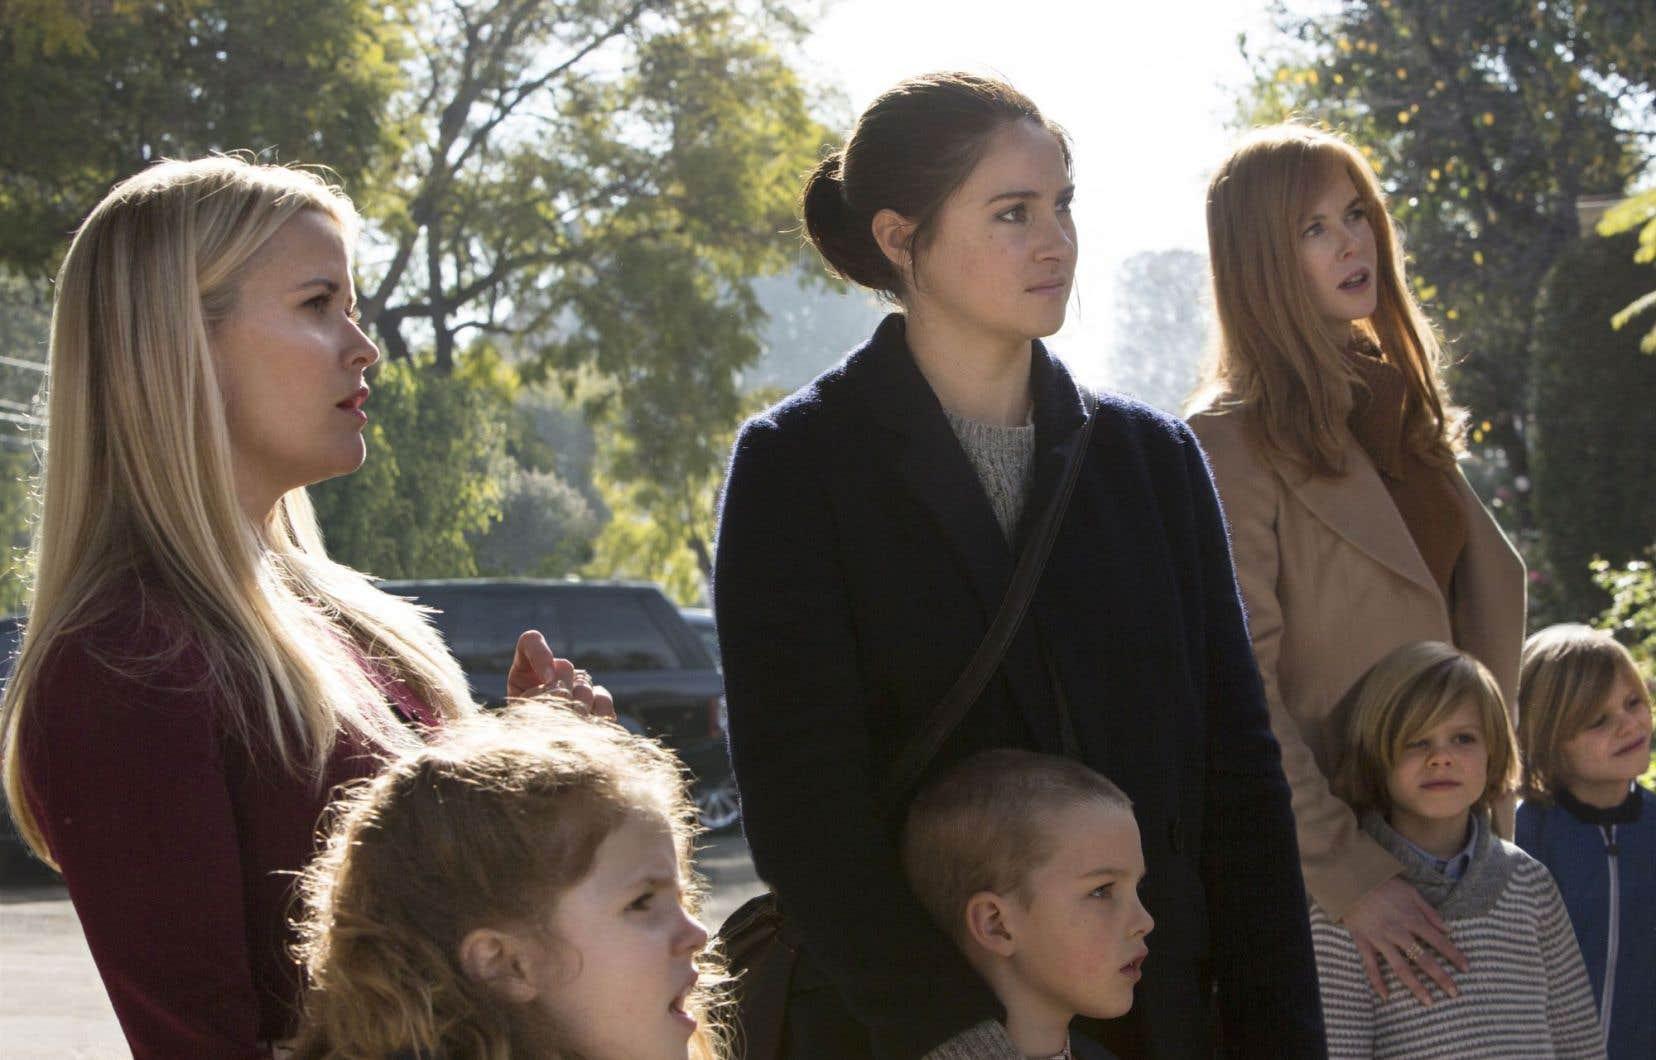 «Big Little Lies», qui compte sept épisodes, met notamment en vedette Reese Witherspoon, Shailene Woodley et Nicole Kidman.